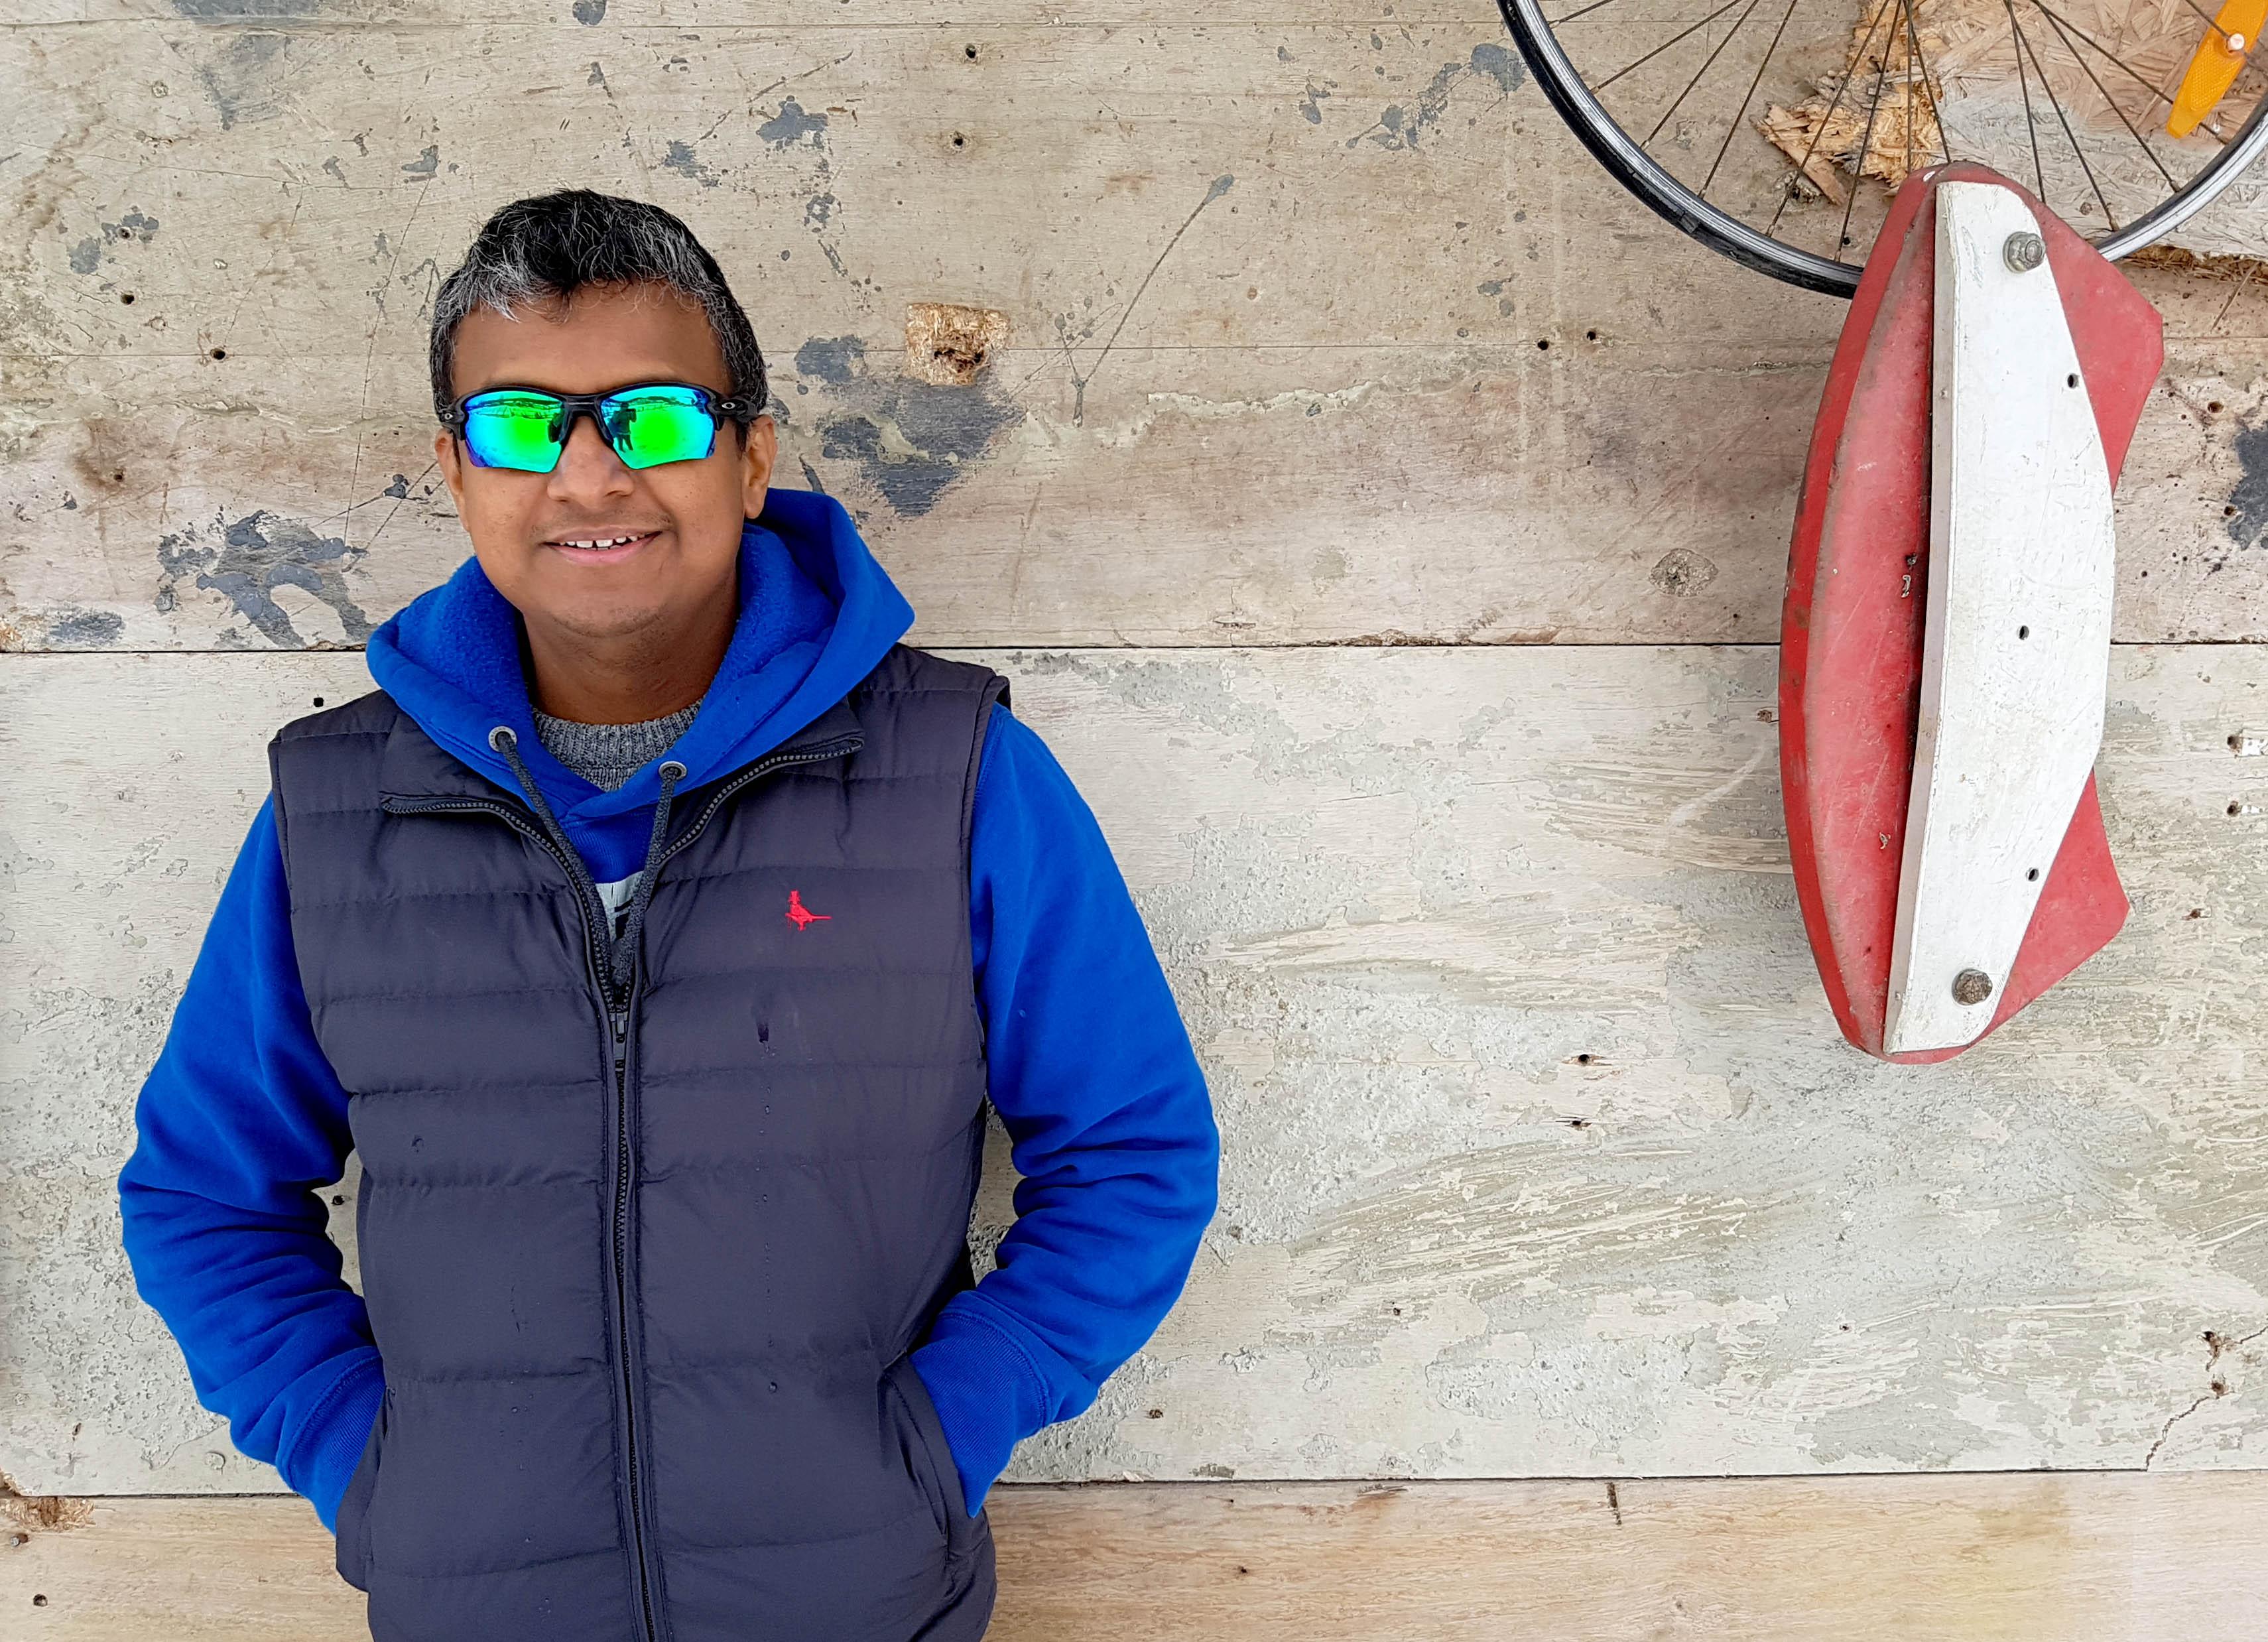 Hareesh Padmanabhan